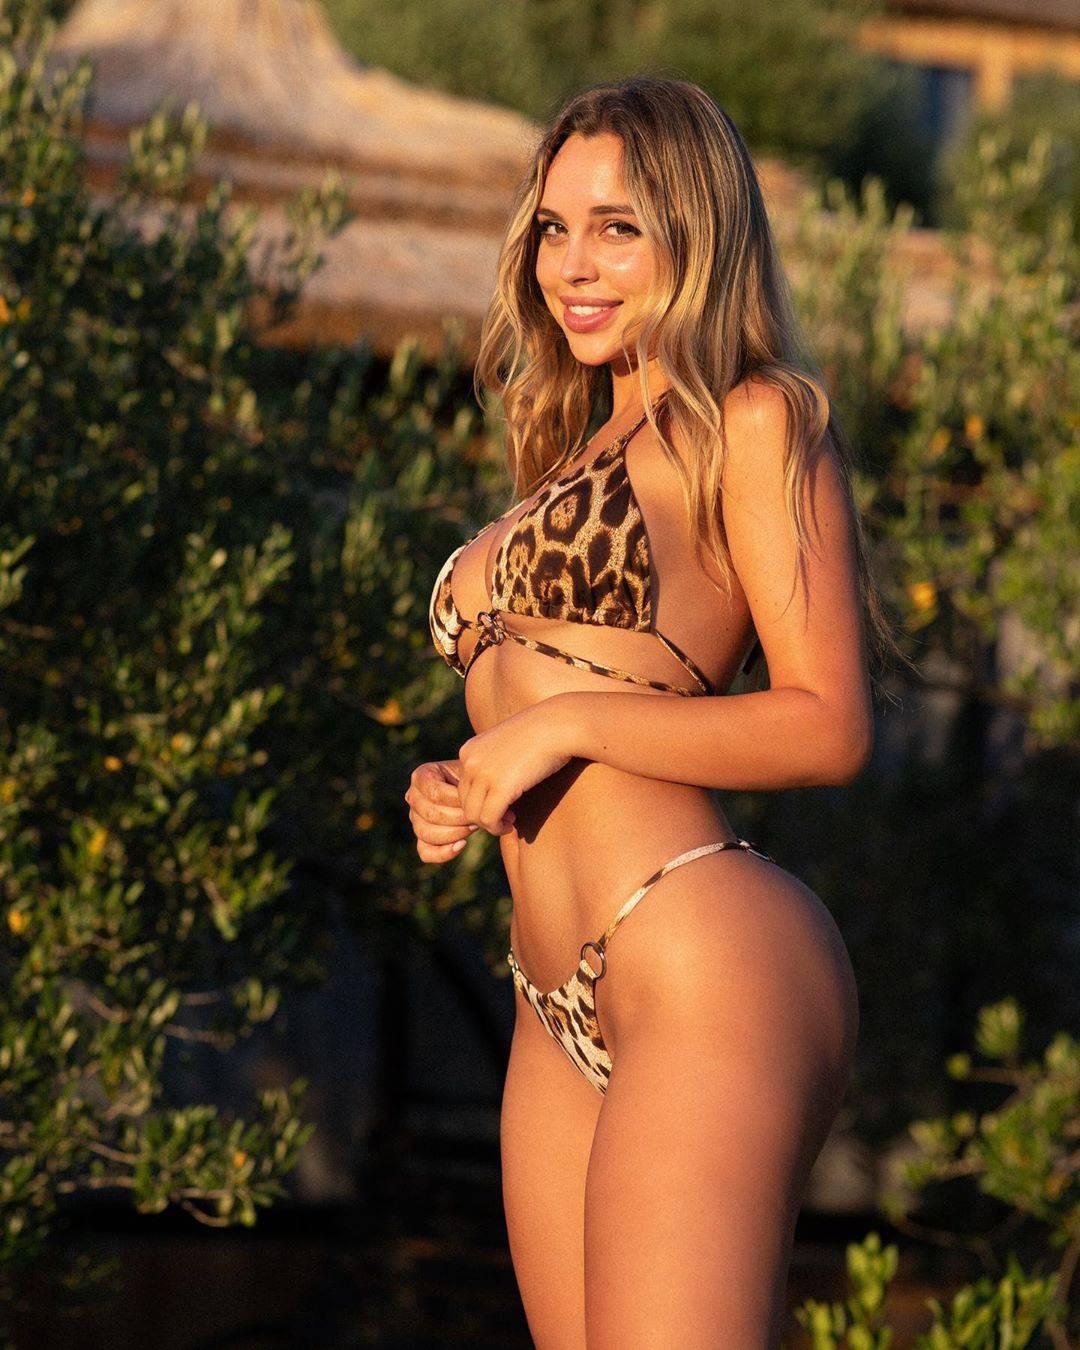 Prati je 3 milijuna ljudi: Poljska influencerica nahvalila Jadran, a sada nosi 'hrvatski' bikini